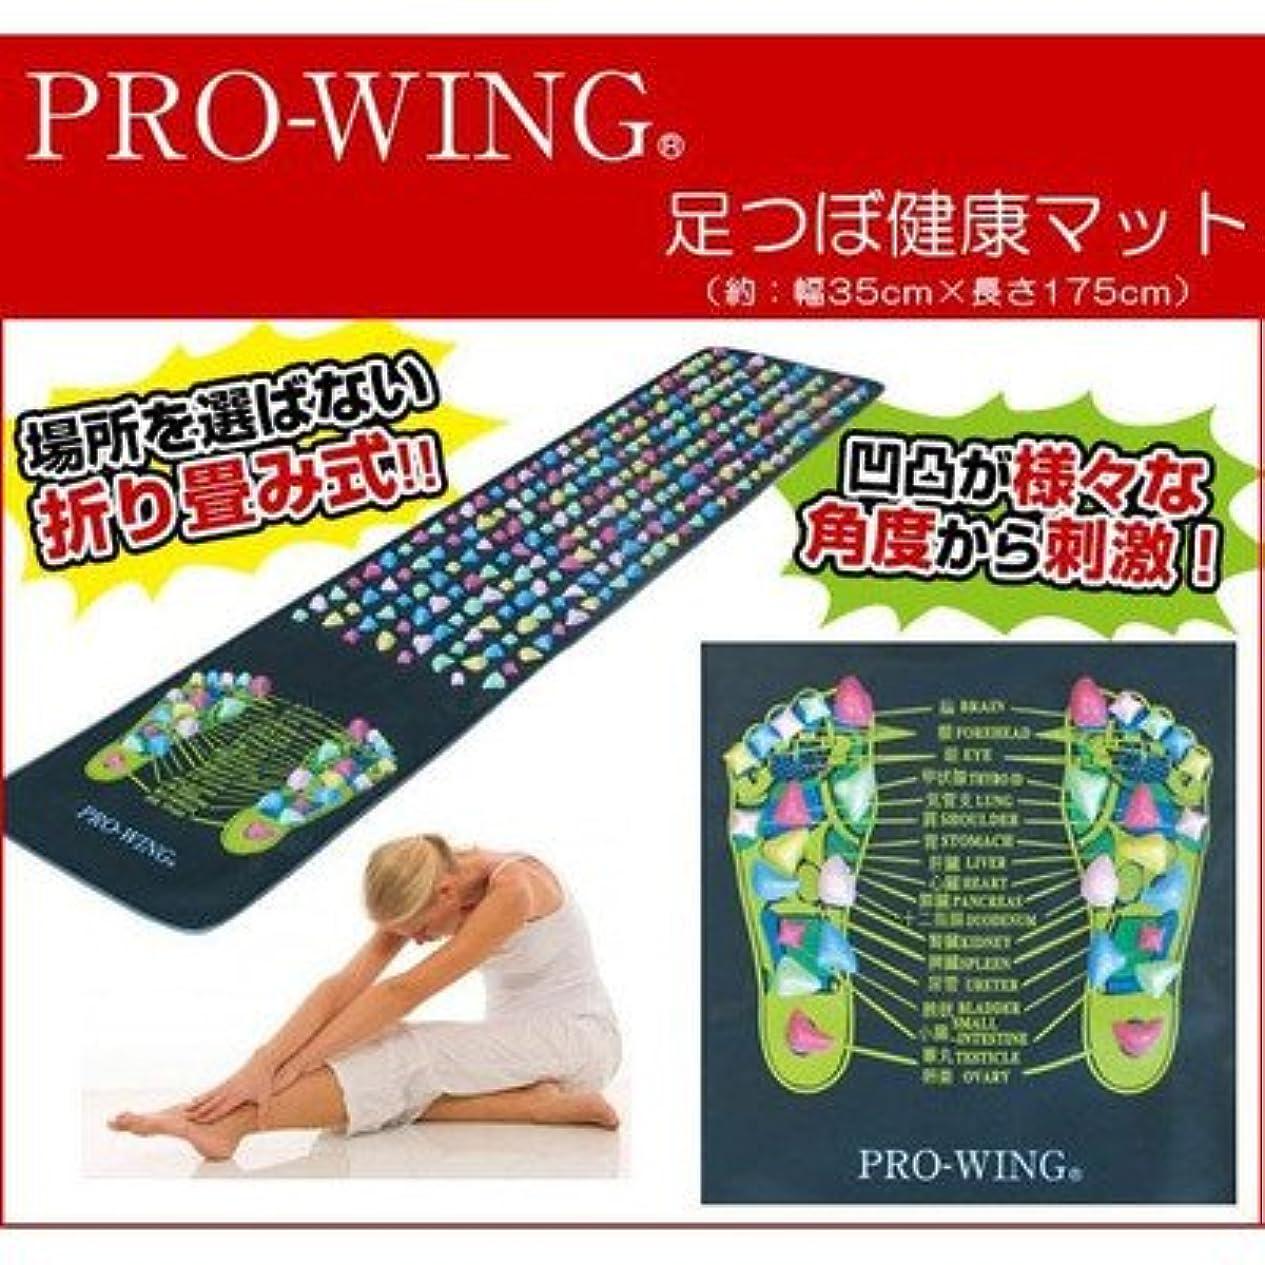 篭愛情シルクカラフルで可愛らしい凹凸が様々な角度から刺激 PRO-WING プロウィング 足つぼ健康マット PWF-1001